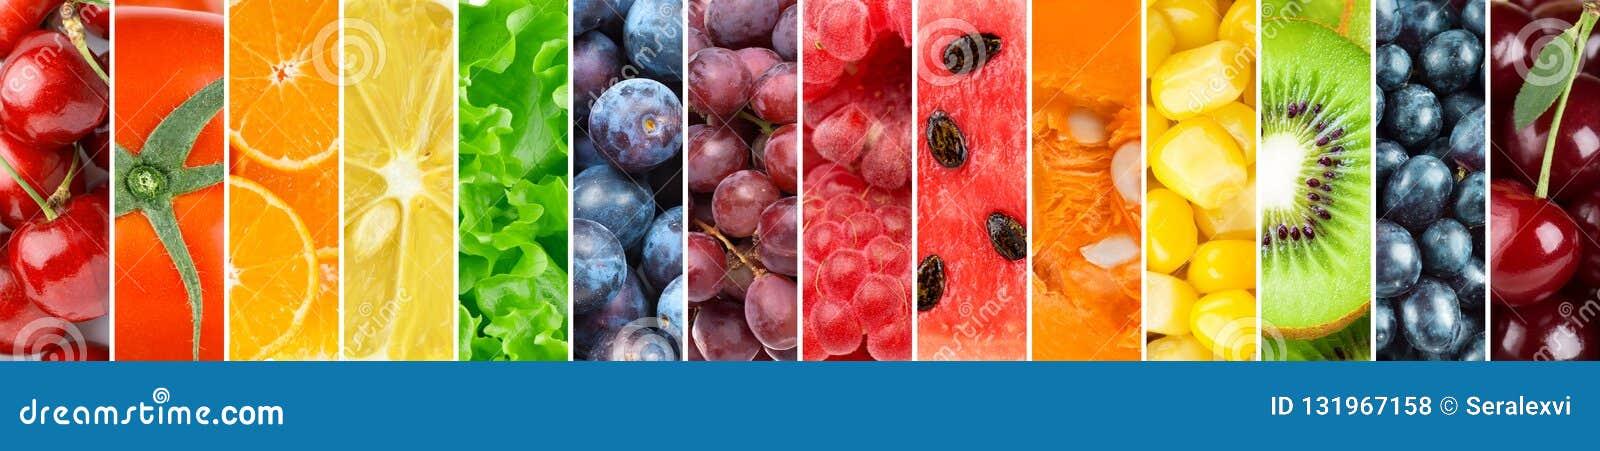 υπόβαθρο των φρέσκων φρούτων και λαχανικών